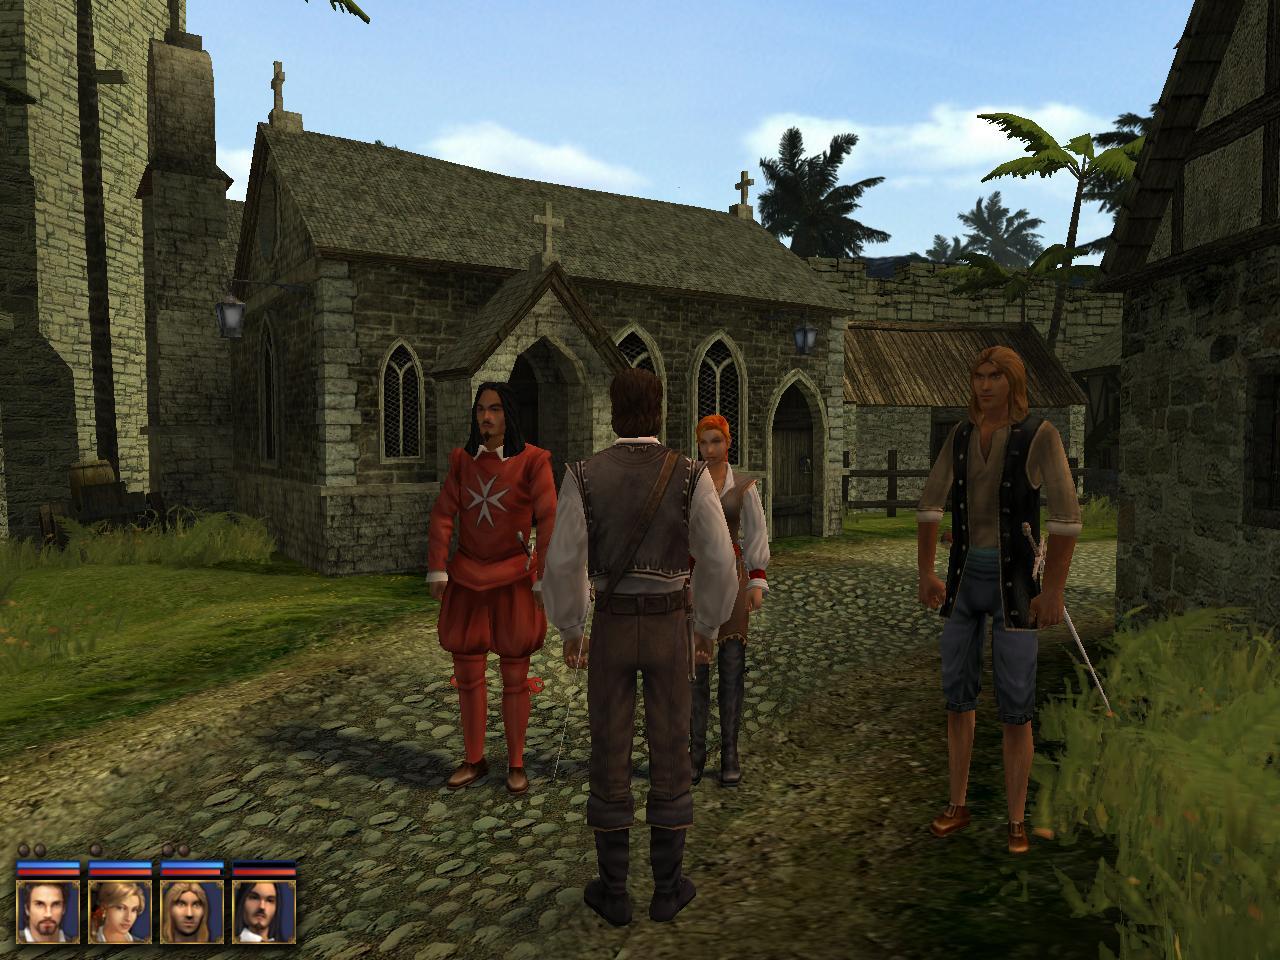 Корсары 2: пираты карибского моря скачать игру торрент бесплатно.